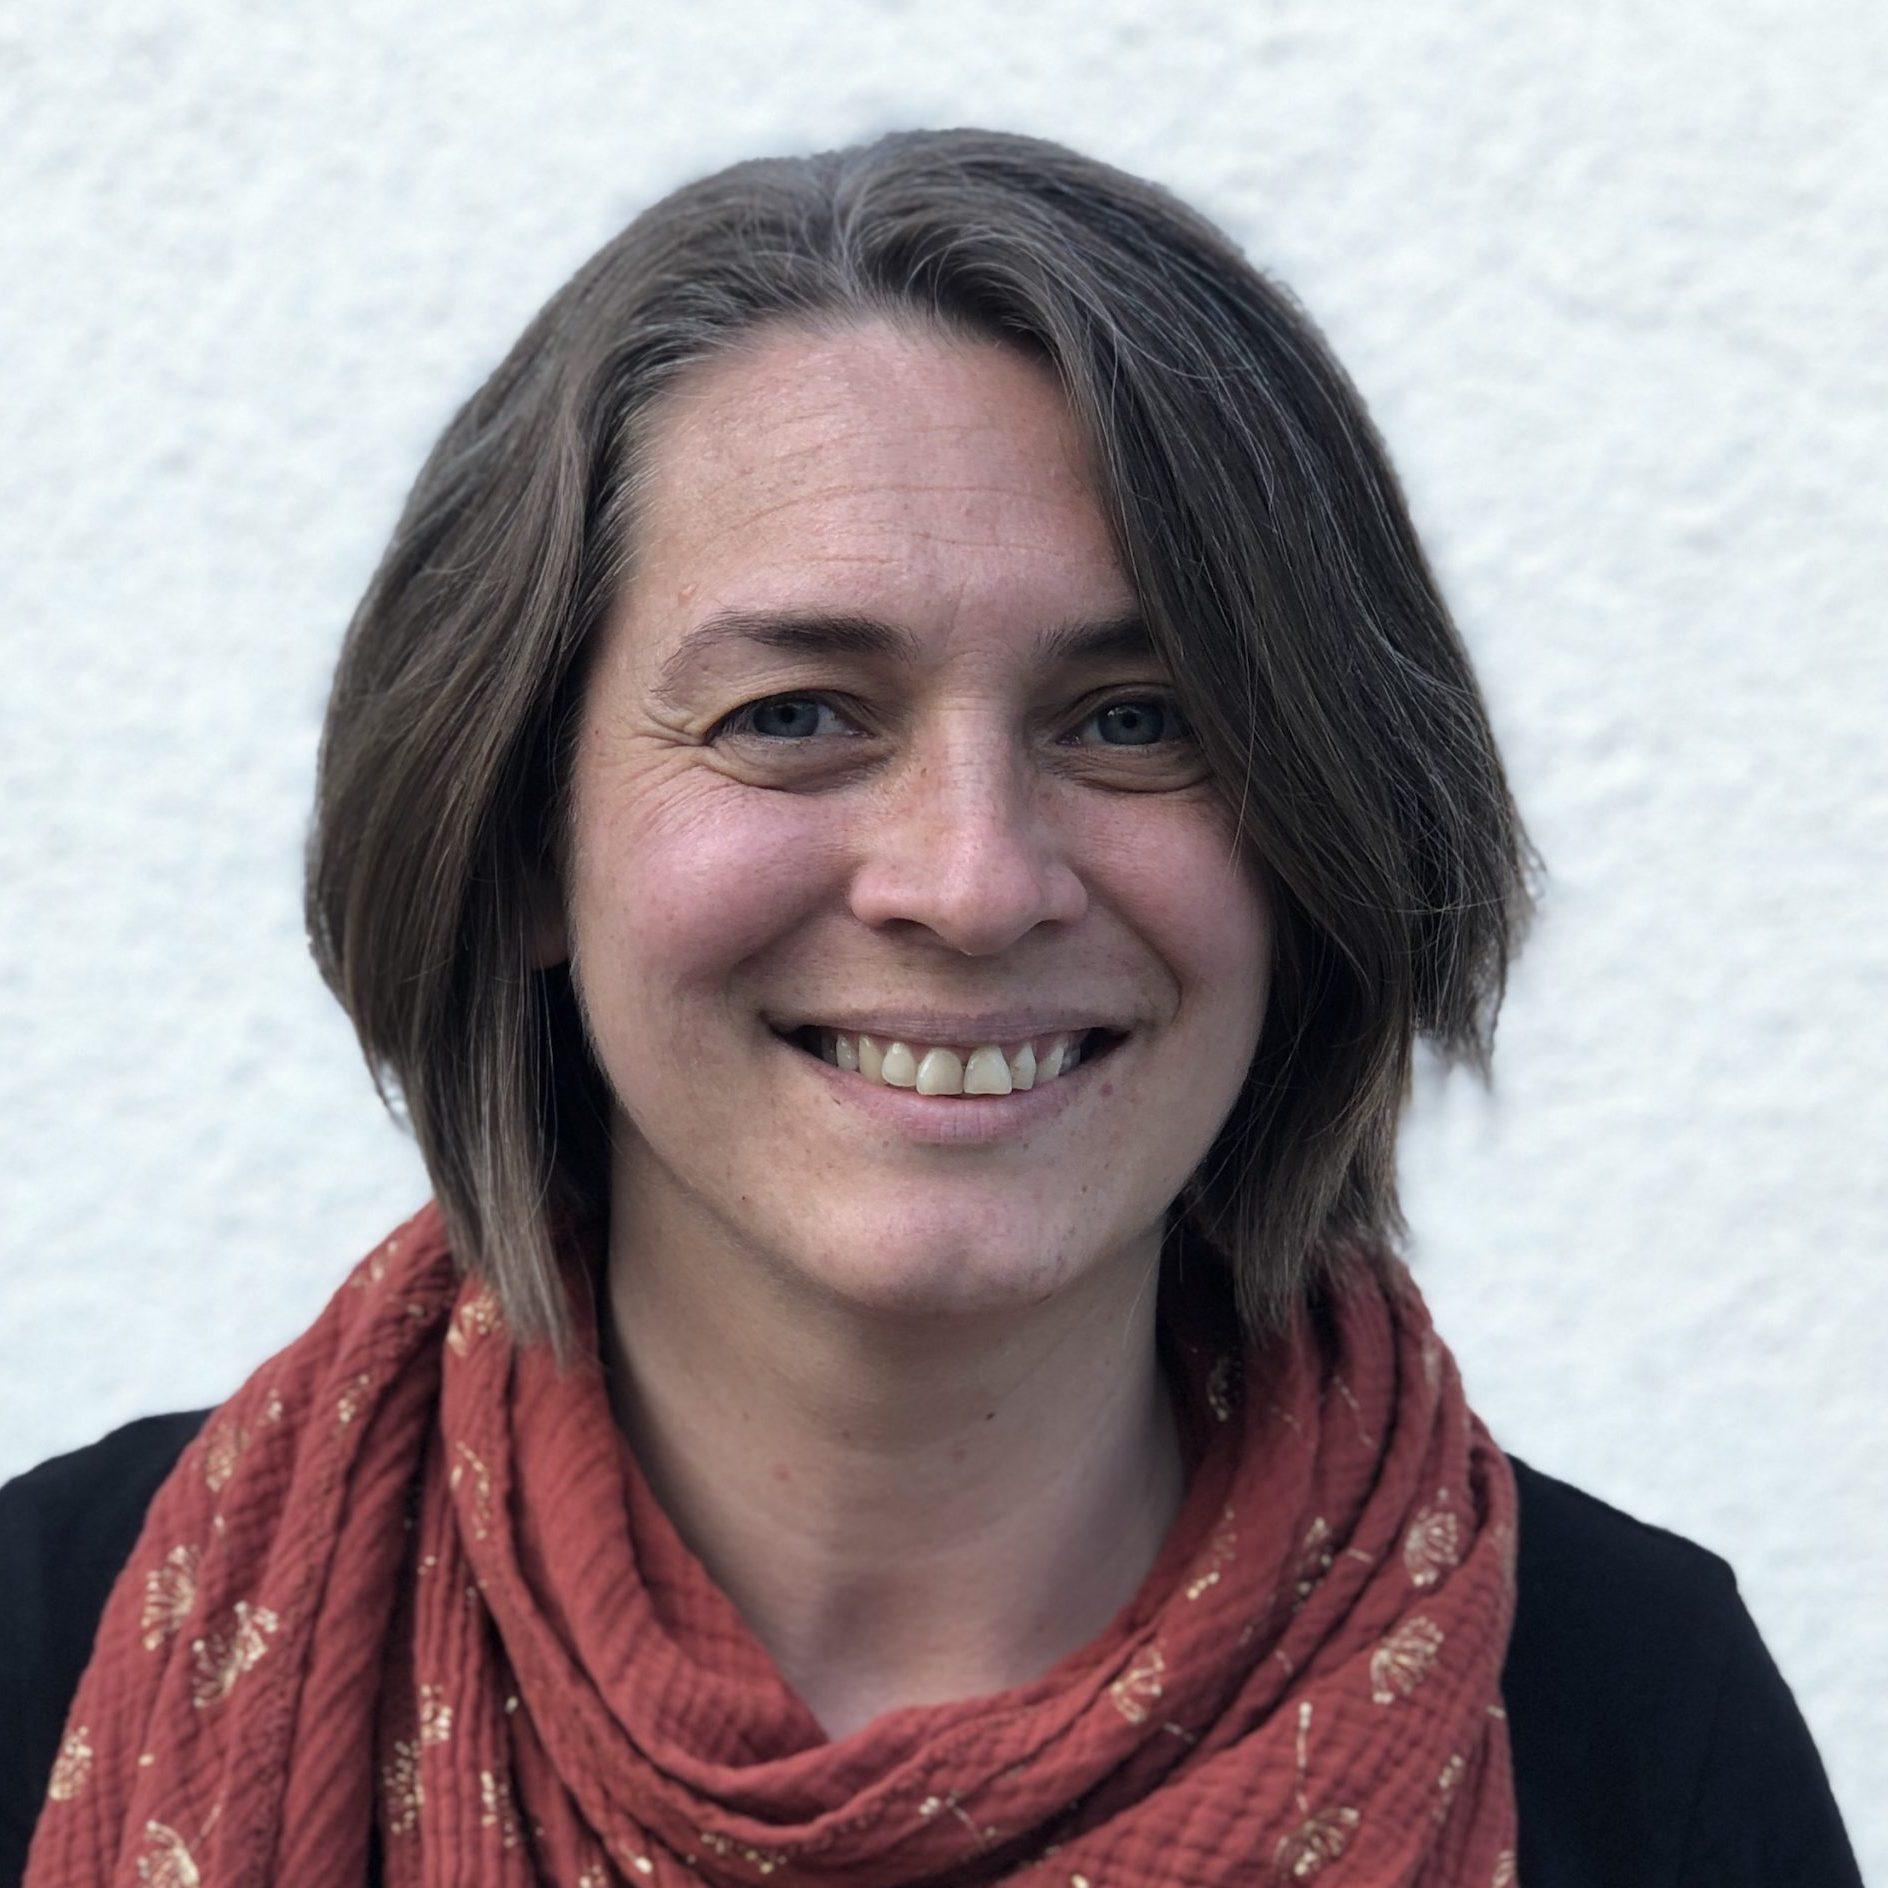 Tanja Nührenberger